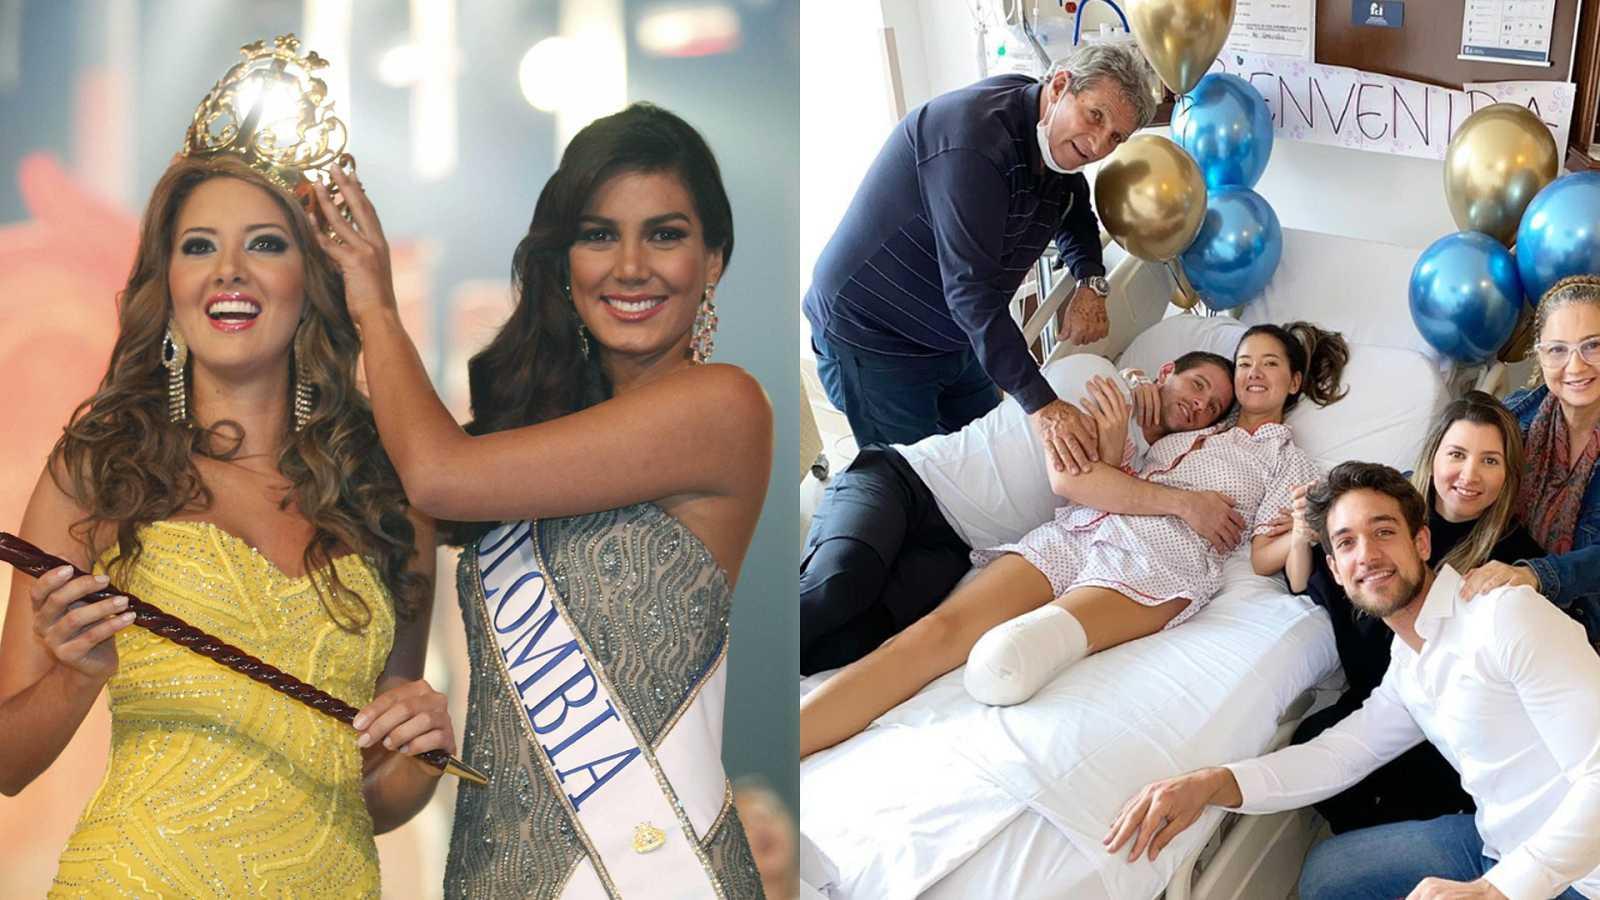 La ex Miss Colombia decidió someterse a la amputación para poder hacer vida normal con una prótesis